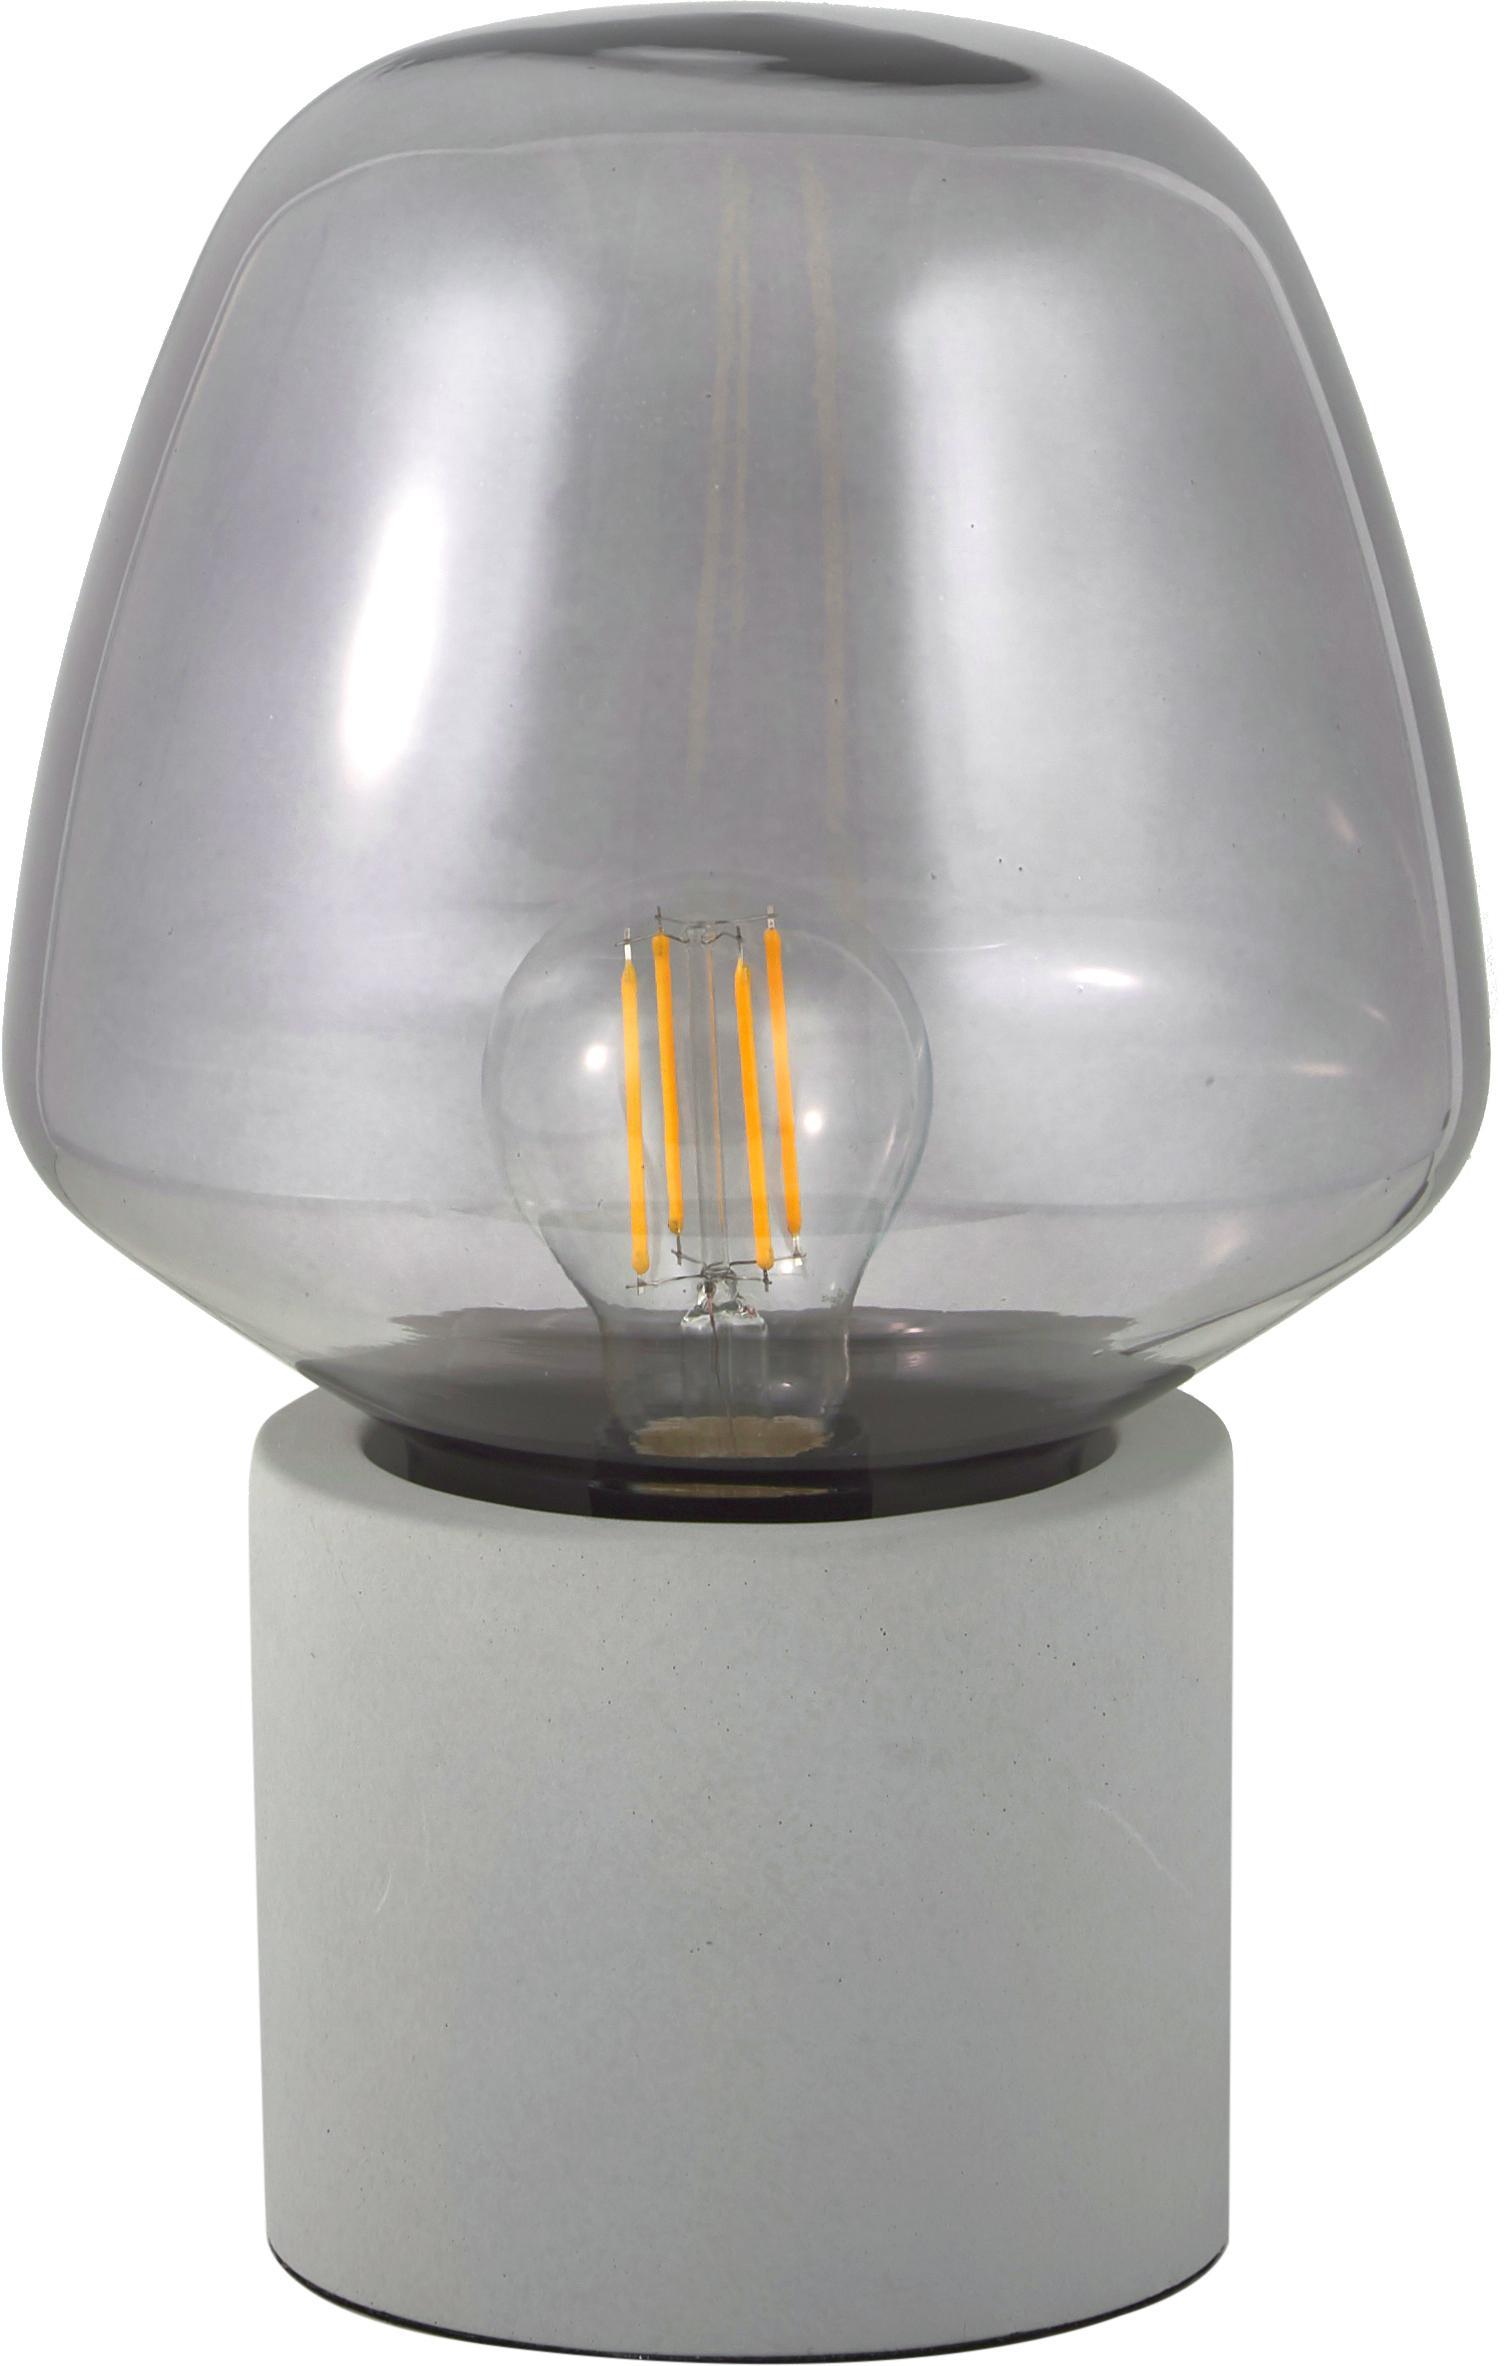 Kleine Tischleuchte Christina mit Betonfuß, Lampenschirm: Glas, Lampenfuß: Beton, Betongrau, Grau, transparent, Ø 20 x H 30 cm